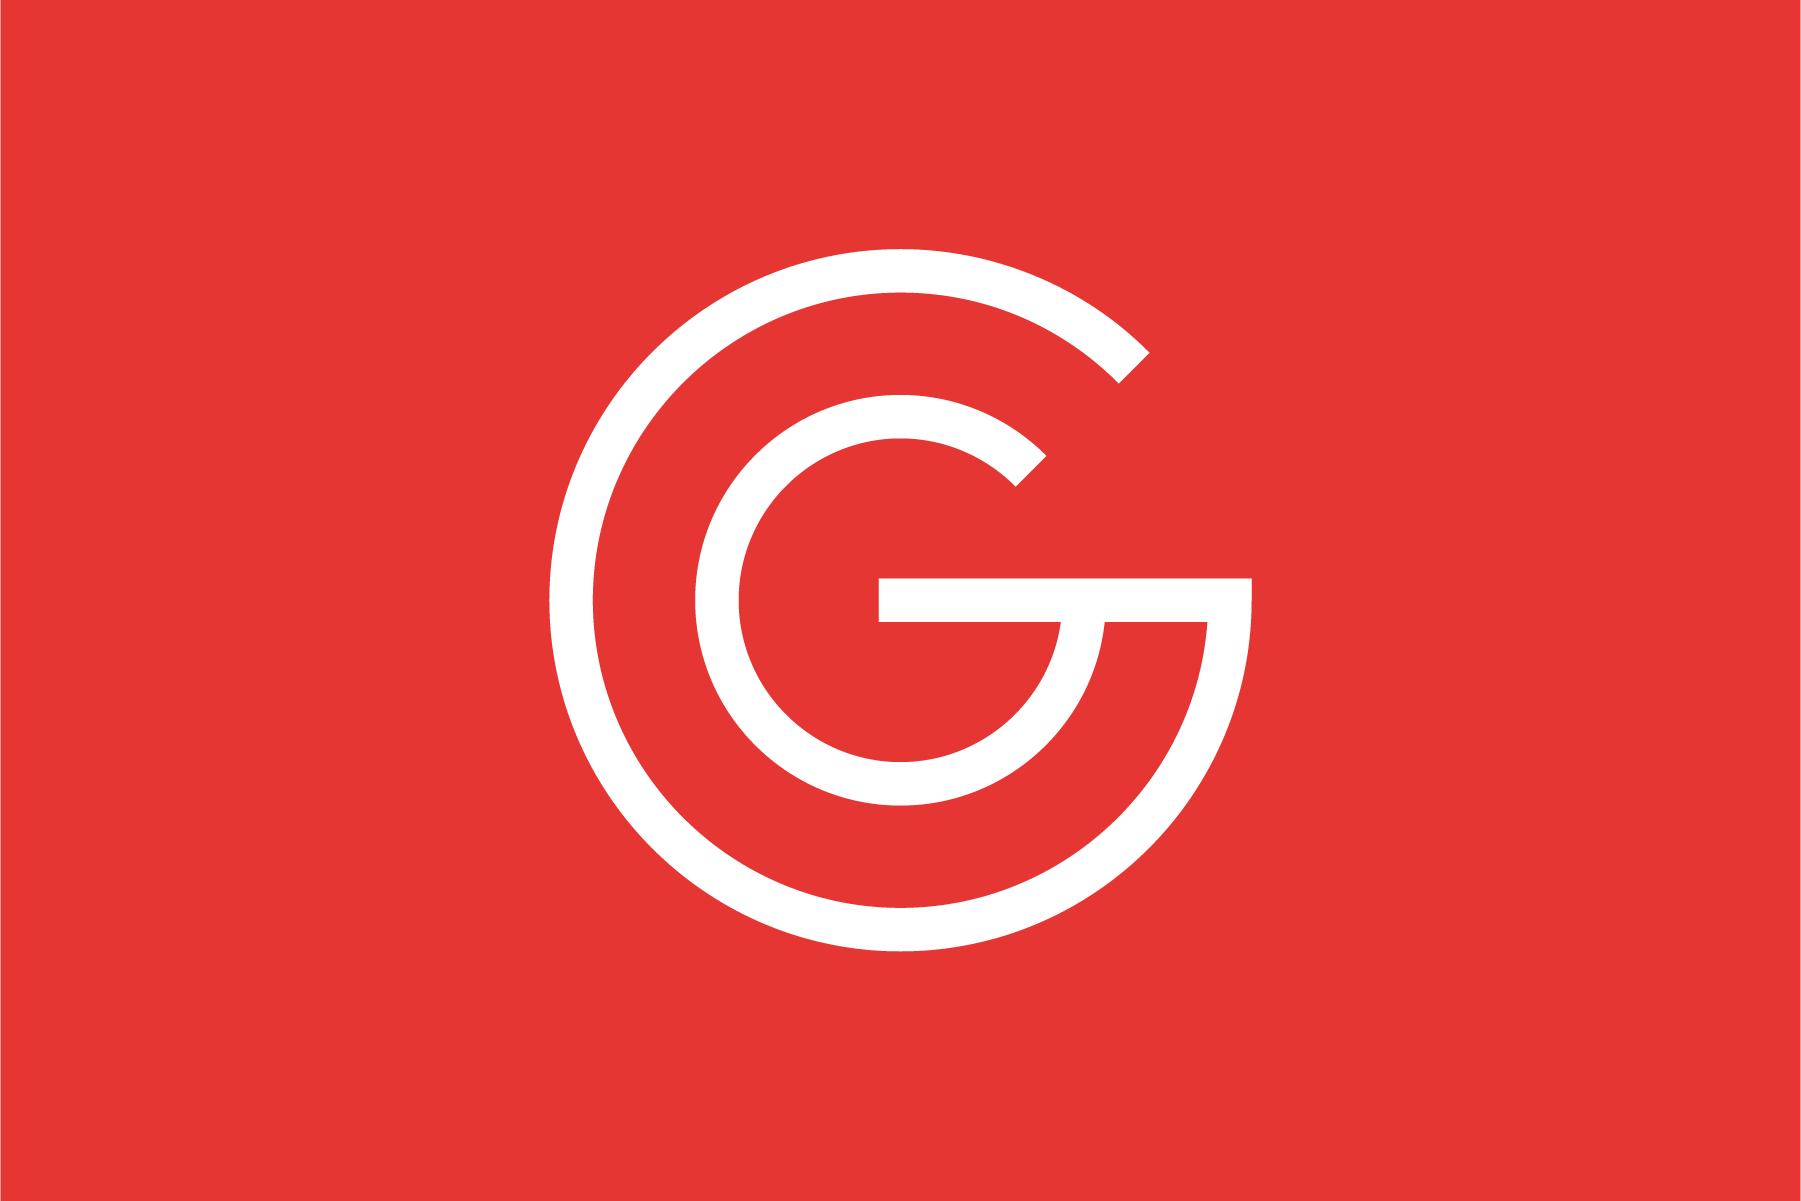 geoff george logo-red-03.png